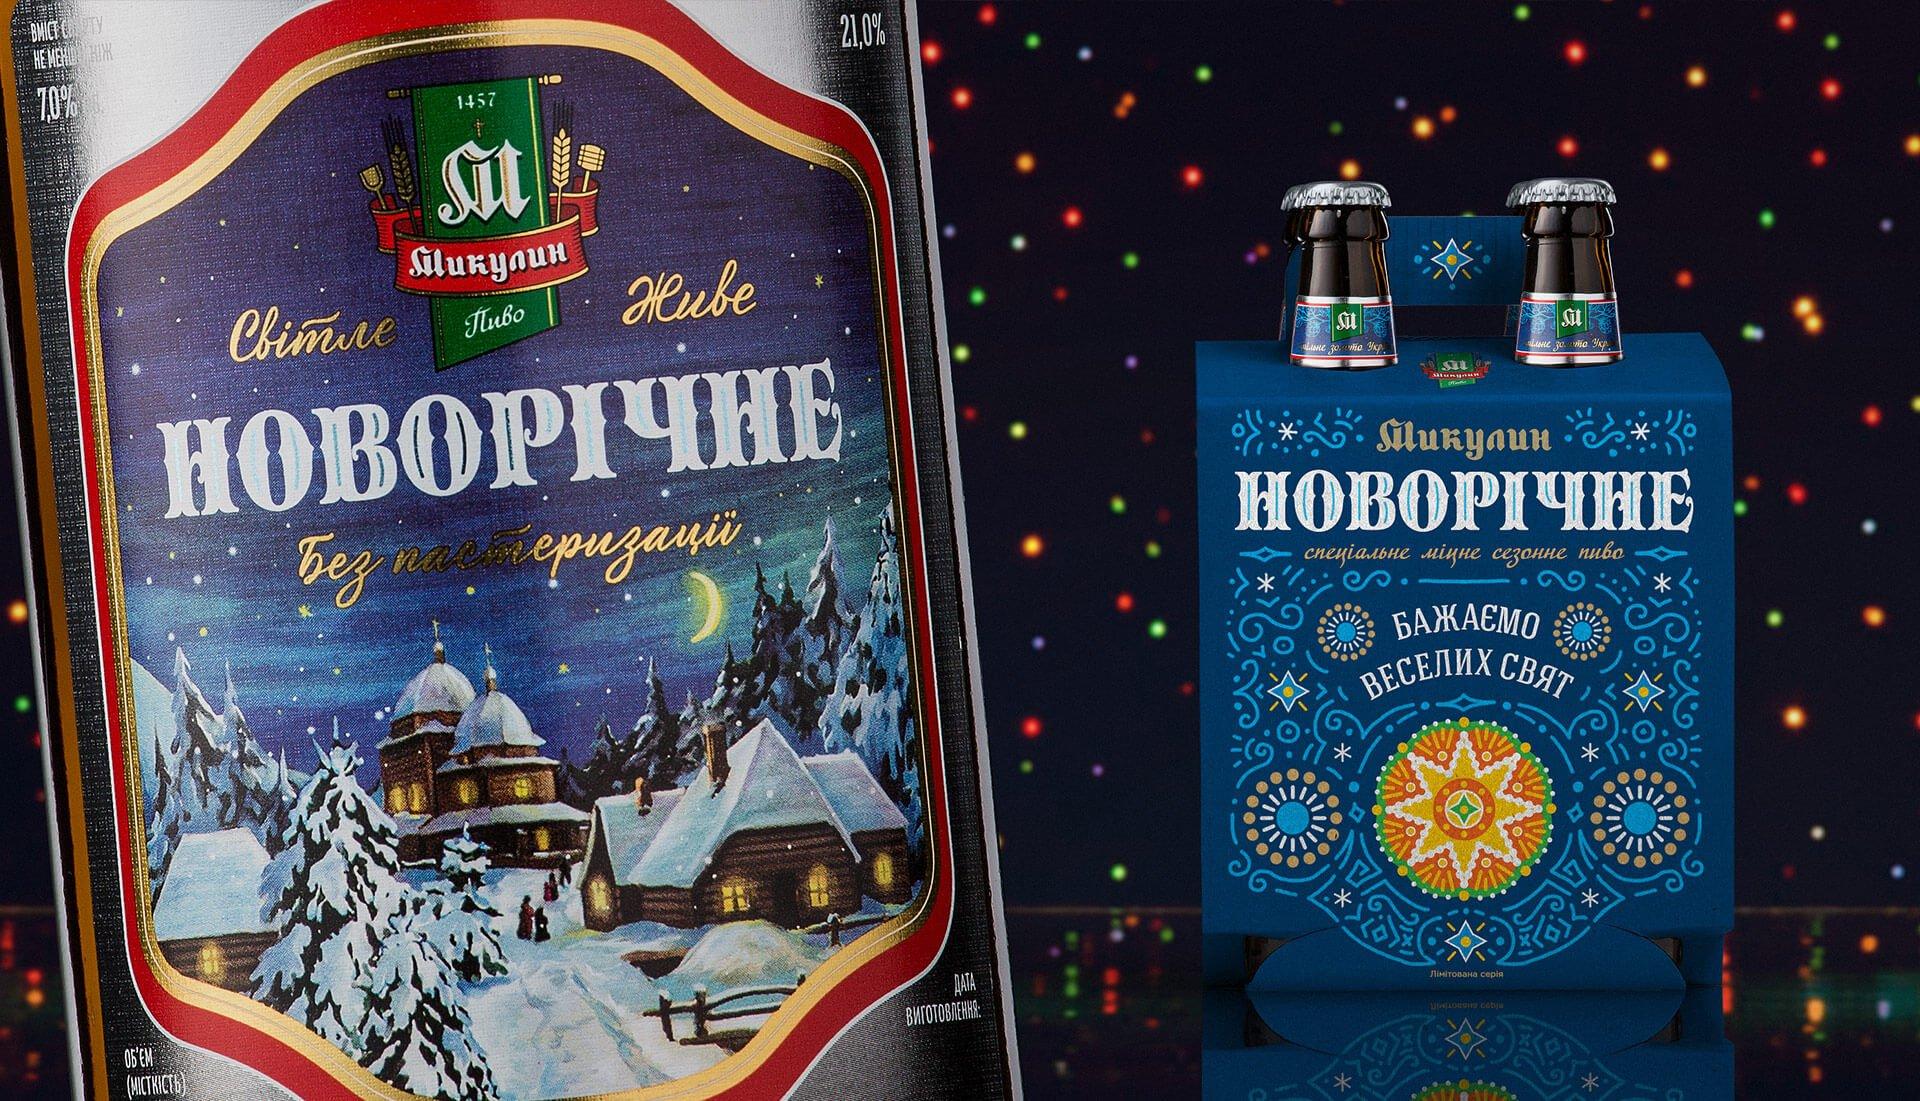 Оновлений дизайн етикетки пива «Новорочне» та дизайн подарункового набору